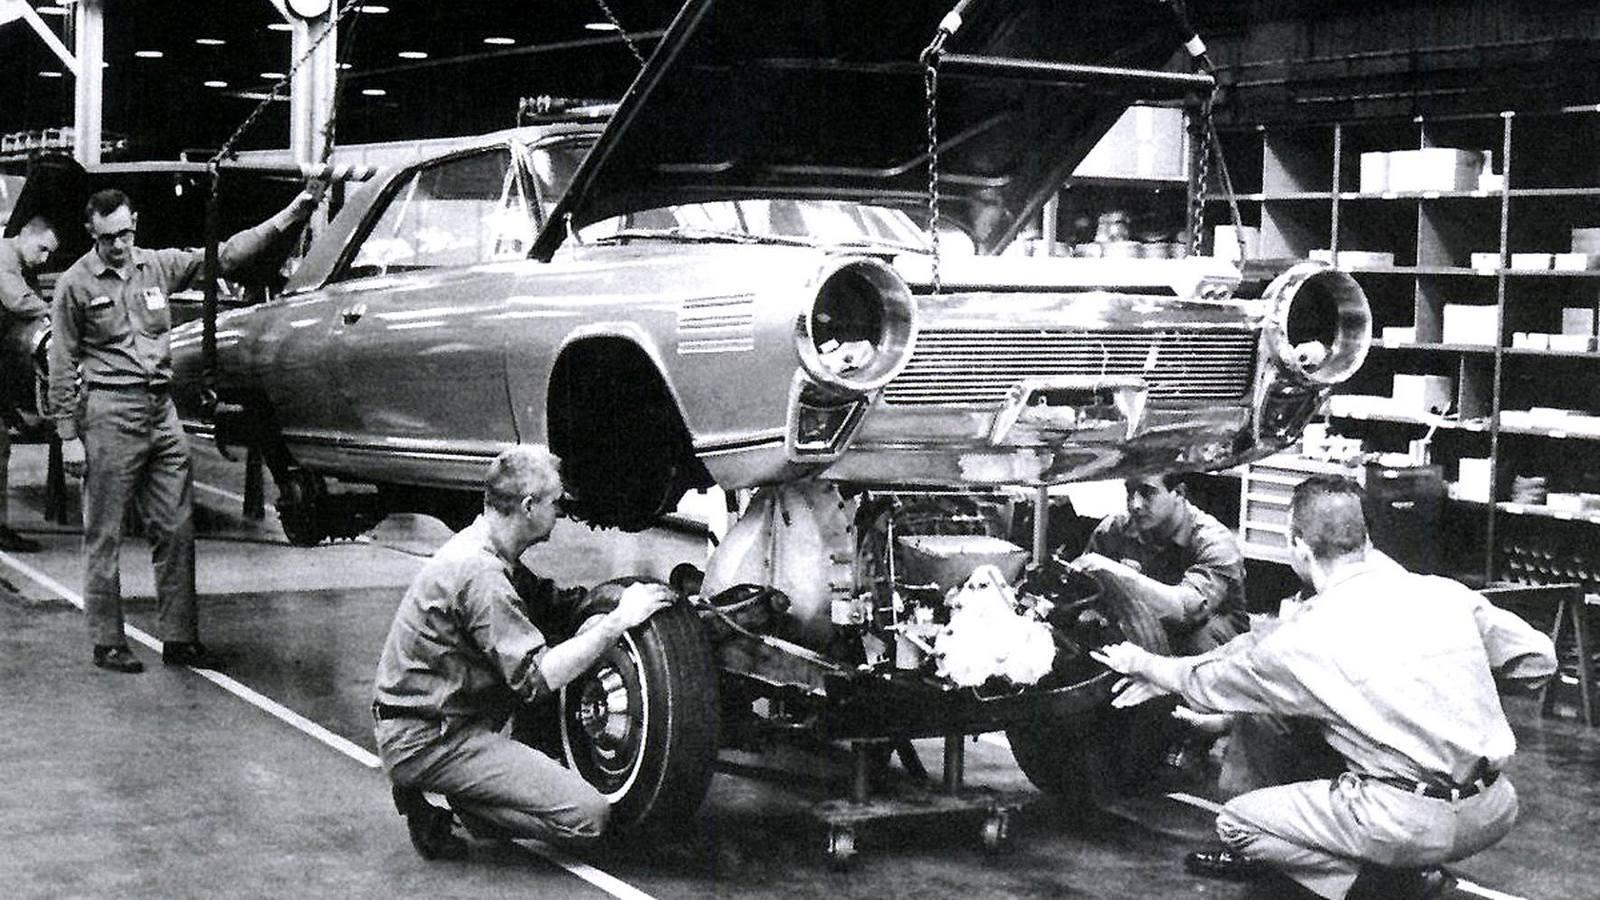 В 1960-е самым удачным и наиболее перспективным газотурбинным легковым автомобилем считался двухдверный седан Chrysler Turbine, построенный достаточно крупной партией из 50 машин. Интересно, что для оценки будущего спроса их бесплатно раздавали избранным клиентам и рядовым американским автомобилистам, каждый из которых мог бесплатно пользоваться такой машиной в течение трех месяцев и затем высказать свое мнение. Одновременно их демонстрировали во многих штатах Америки и за рубежом.Тест-драйв газотурбинной машины Chrysler Turbine на холмистой местности. 1963 годПривлекательный и комфортный четырехместный кузов с виниловой крышей собирала итальянская фирма Ghia и отравляла его в Америку. Передняя часть автомобилей напоминала воздухозаборники реактивных самолетов, задок был похож на сопла авиационных турбин, а яркий и богато оформленный красно-оранжевый салон, напоминавший самые дорогие и роскошные лимузины, почему-то не имел кондиционера. В подкапотном пространстве умещался модернизированный ГТД А-831 мощностью 130 л.с., весивший всего 186 килограммов.Листалка из 4 фото с разными подписямиОдин из 50 собранных автомобилей Chrysler Turbine с 130-сильной газовой турбиной. 1963 годЗадняя часть машины была выполнена в авиационном стиле и напоминала два сопла самолетных турбинЯркое и броское оформление салона с хромированными деталями и кожаными сиденьямиПод капотом автомобиля Turbine свободно помещался новый газотурбинный агрегат A-831Все эти невероятные усилия и затраты по проталкиванию газотурбинной машины успеха не принесли. При мягкости хода, стабильности движения и отсутствии регулярного техобслуживания автомобиль оказался ненасытным, требуя по 20 литров горючего на 100 километров. Он не мог работать на этилированном бензине и издавал невероятный шум на больших скоростях. В 1967-м почти все машины Chrysler Turbine были отозваны и пущены под пресс. Только в частных коллекциях и музеях сохранились семь-восемь экземпляров.Так начался стремительный закат газотурбинной авт